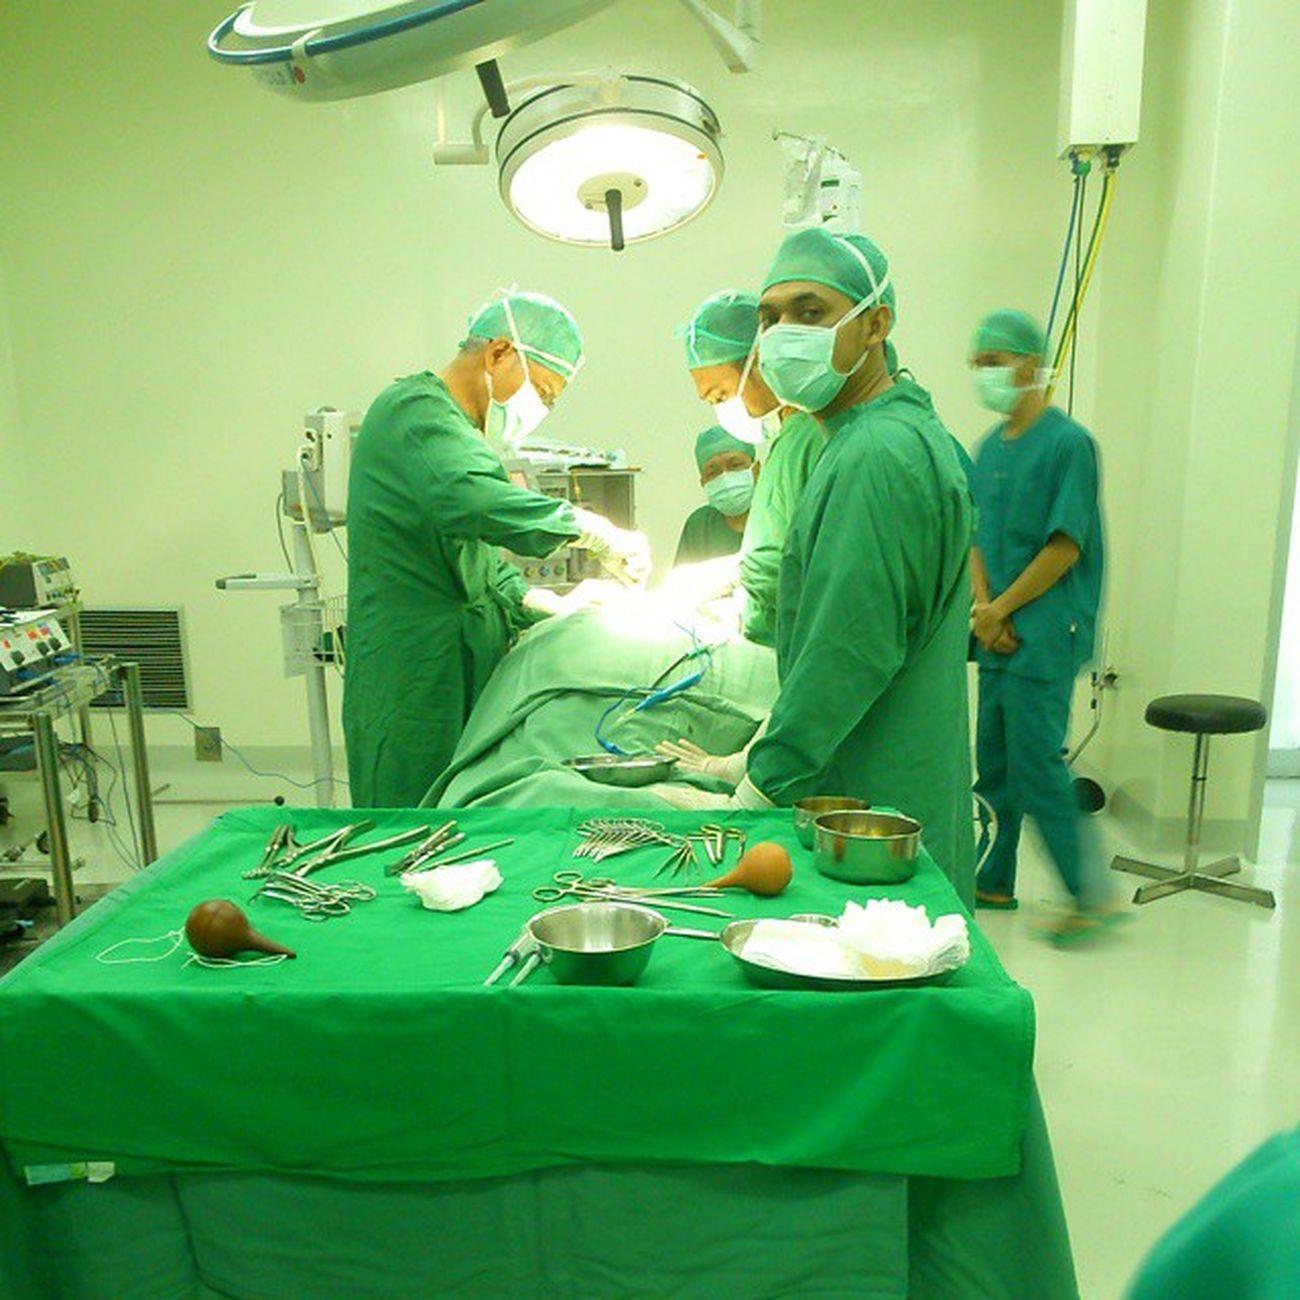 operasi Laminectomi Estimasi Waktu Operasi 4 jam teler berdiri